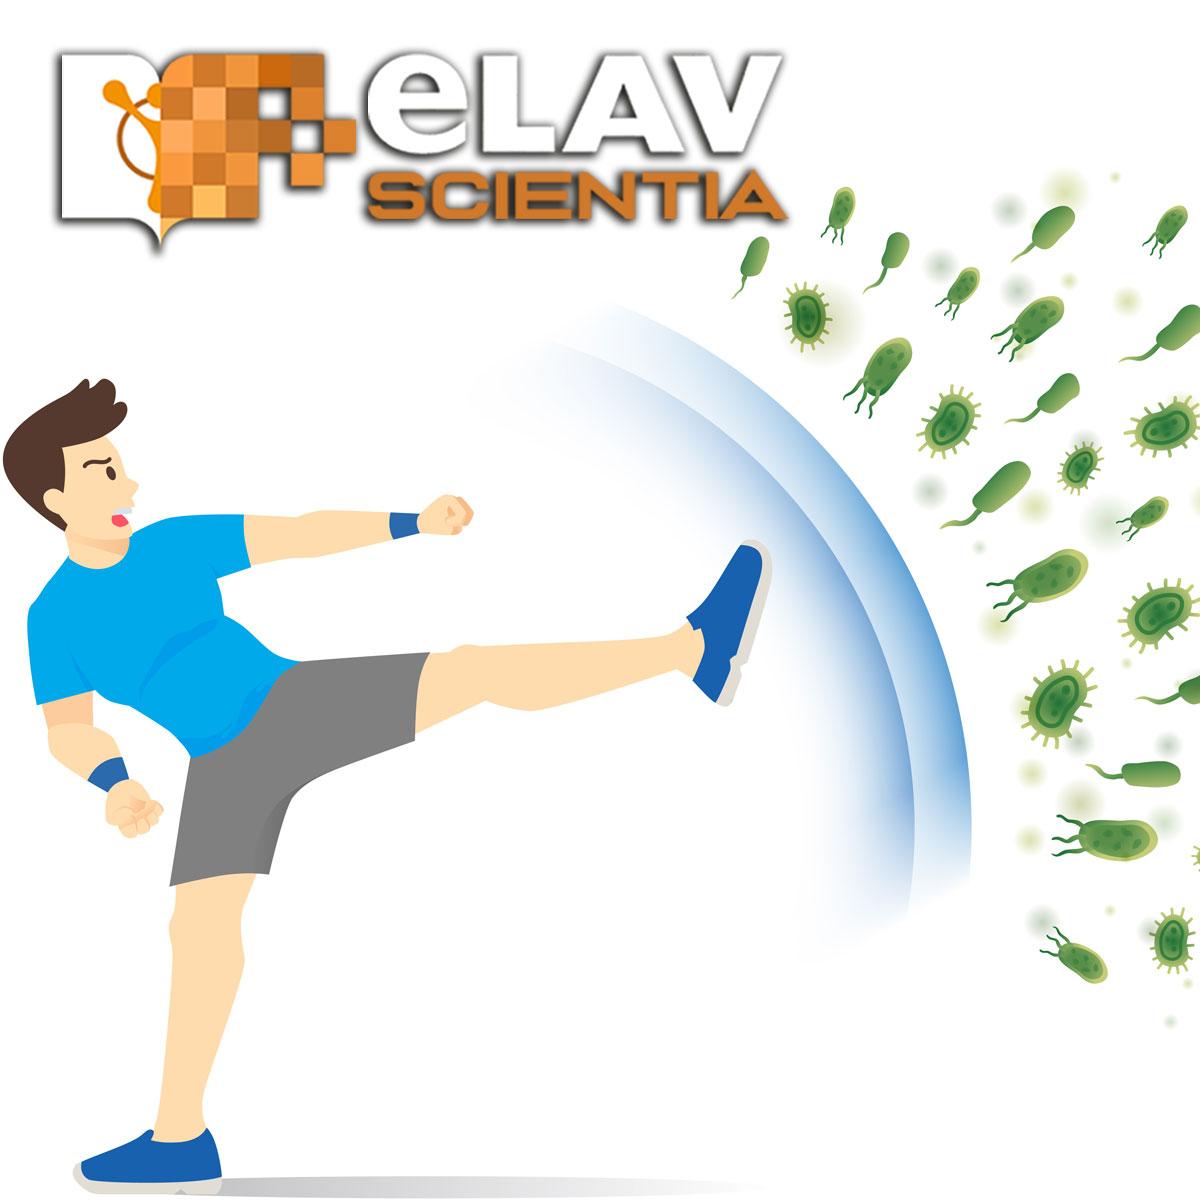 Lo Sport E L'attività Fisica Devono Fare Parte Dei Piani Di Recupero Post-Covid-19, Dicono I Governi